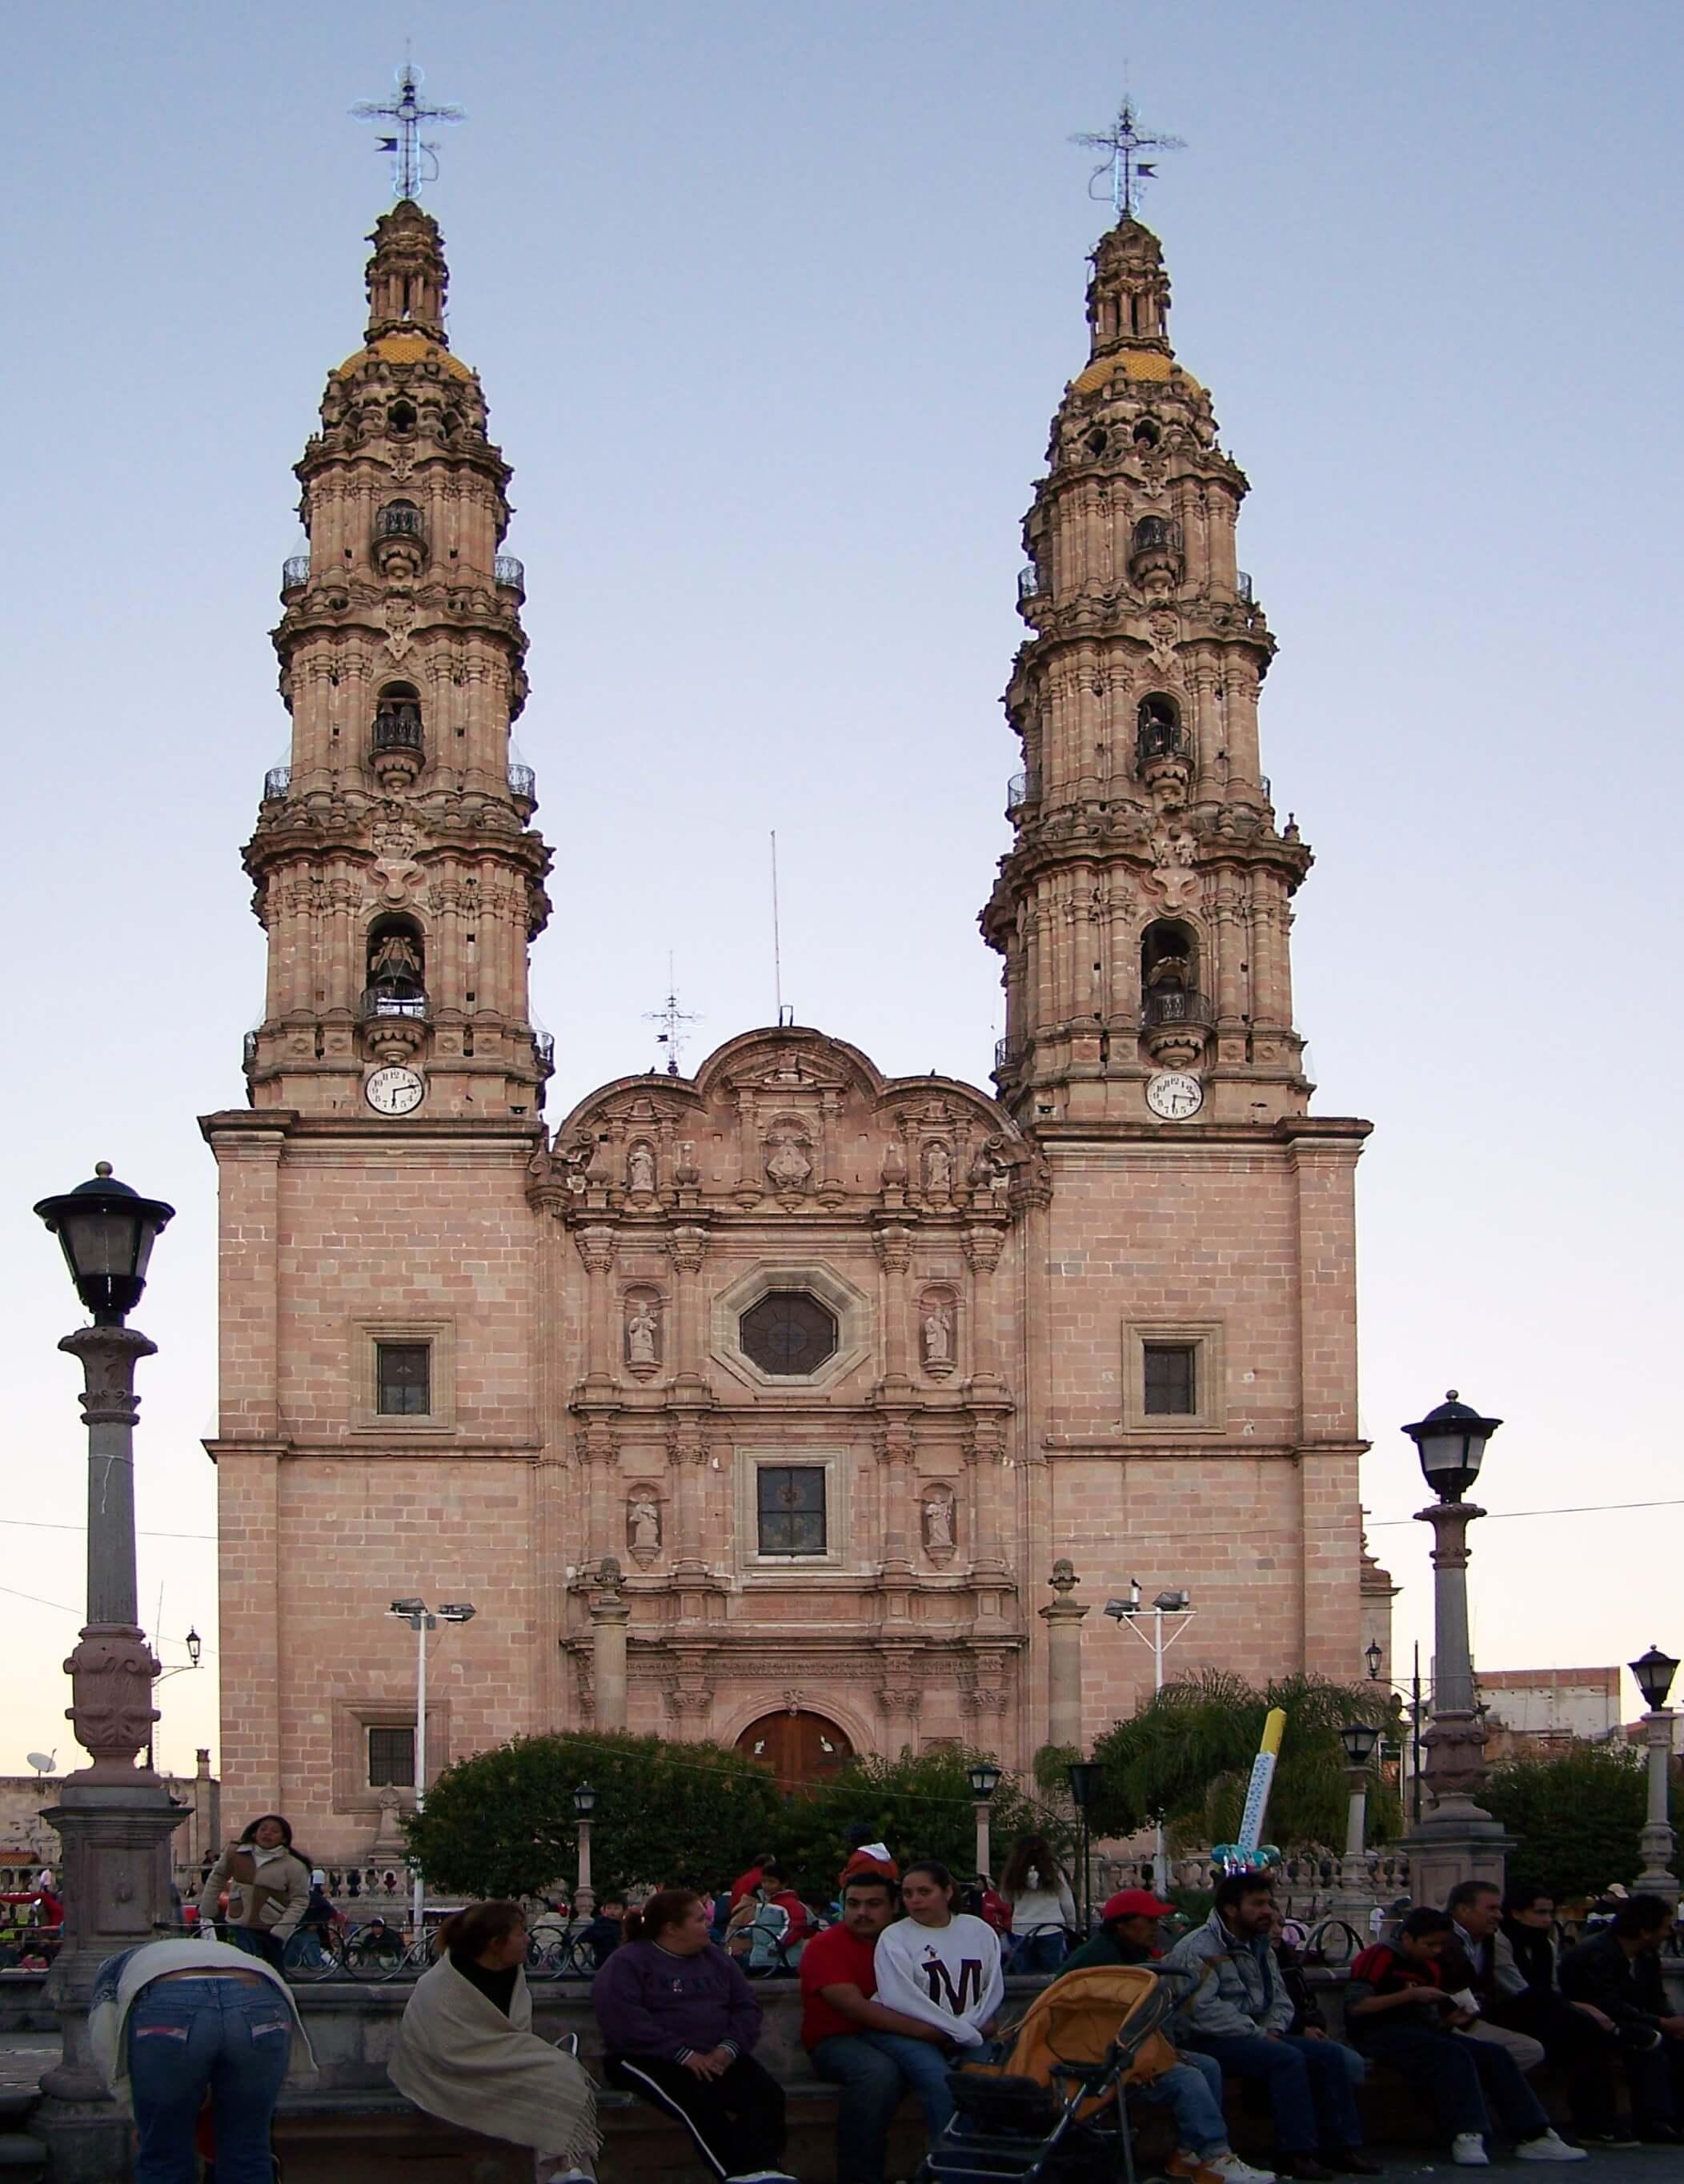 La Catedral de San Juan de los Lagos recibe más de 5 millones de visitantes al año. Foto: Archivo